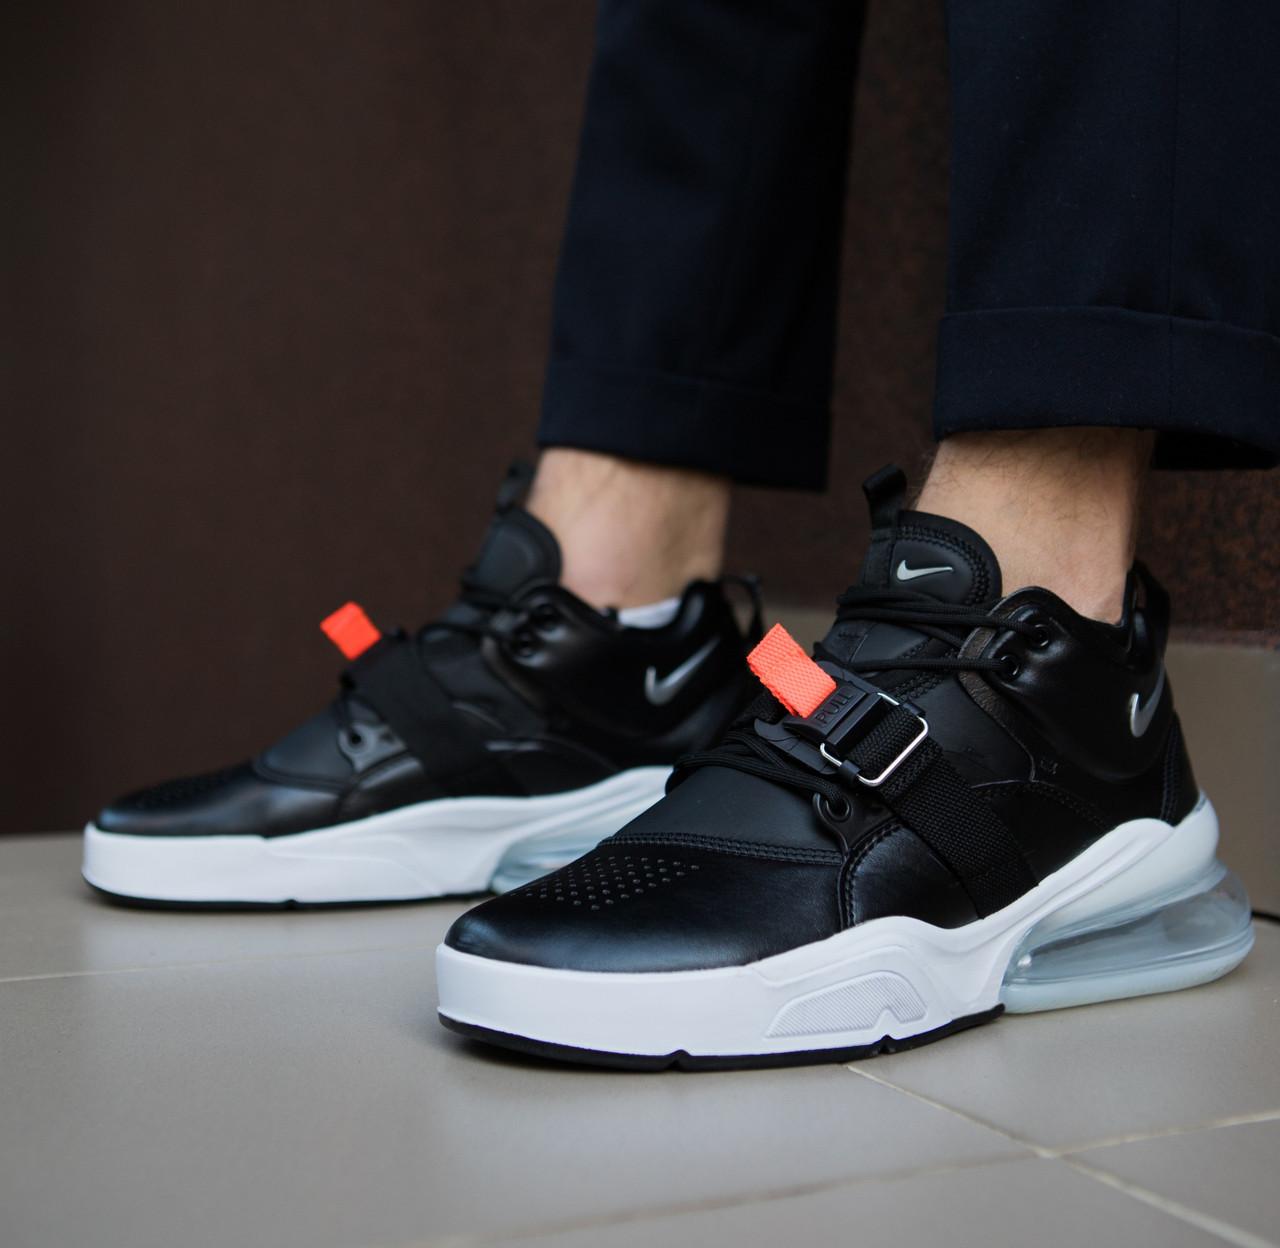 Мужские кроссовки Nike Air Force 270 Black White  продажа, цена в ... 5c5310b433d